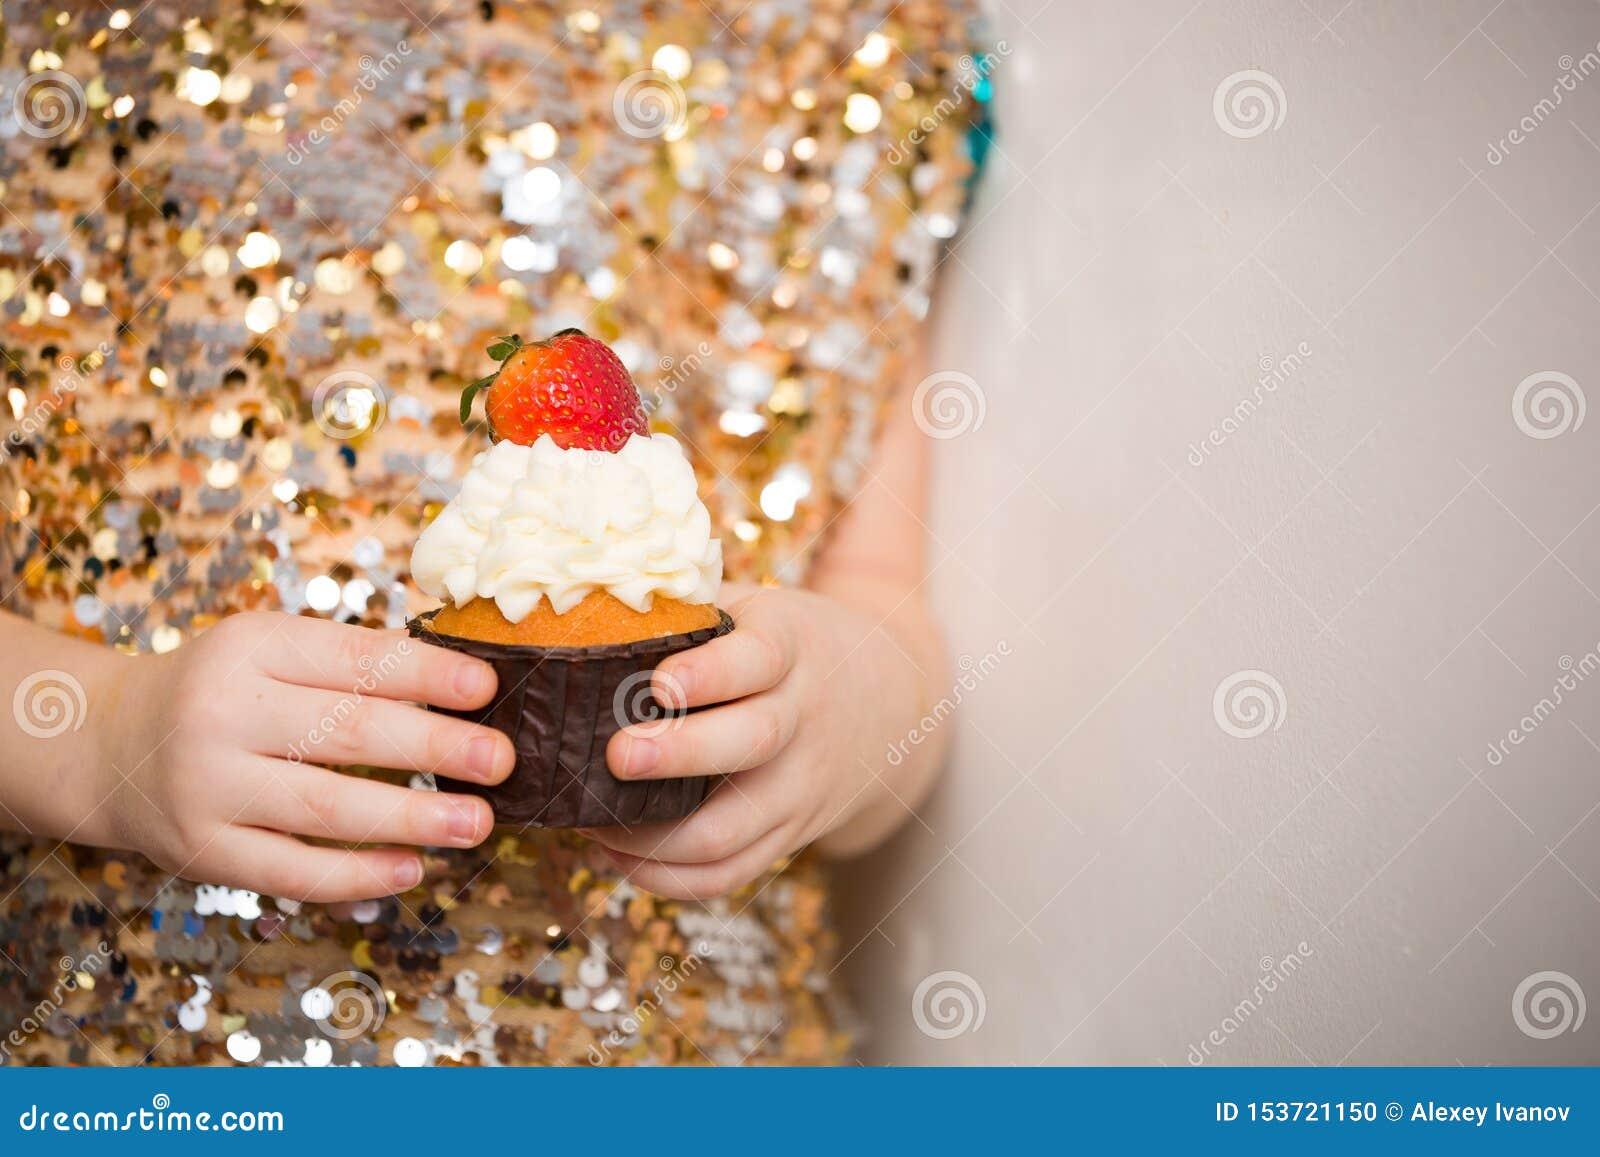 Mała dziewczynka trzyma piękną babeczkę w błyszczenie sukni, zakończenie w górę Piekarnia, s?odki jedzenie i ludzie poj??,